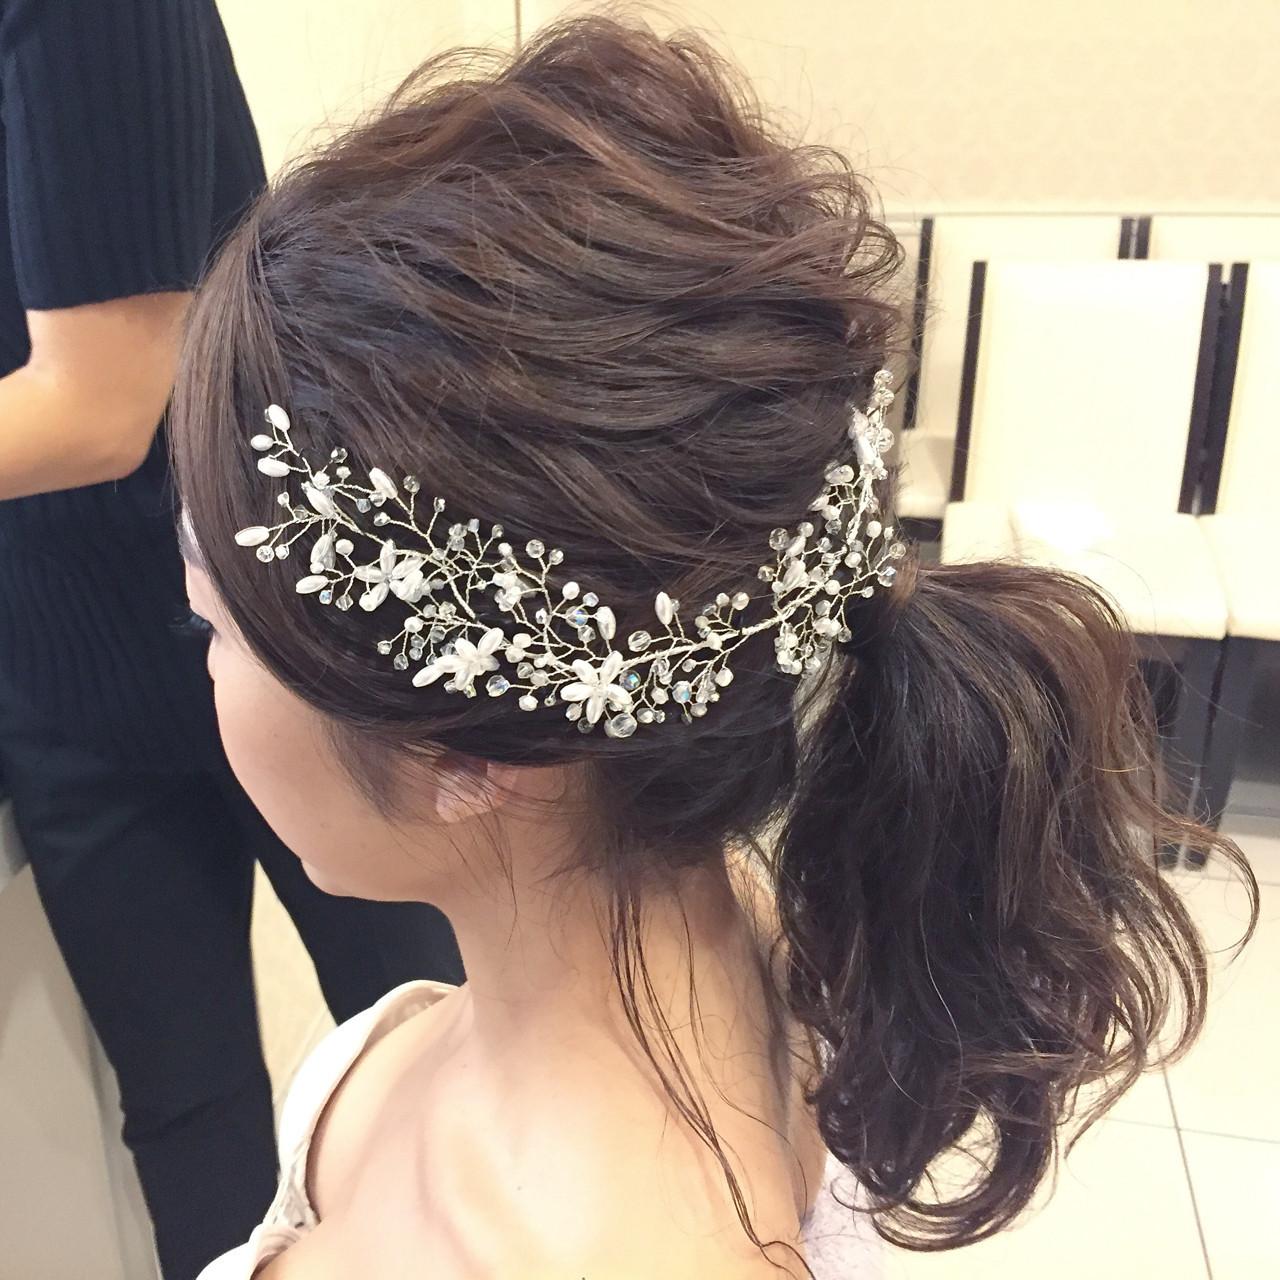 ふんわりルーズがポイントのセミロングの髪型 Aya OkamotoTHE AMAN GIRL